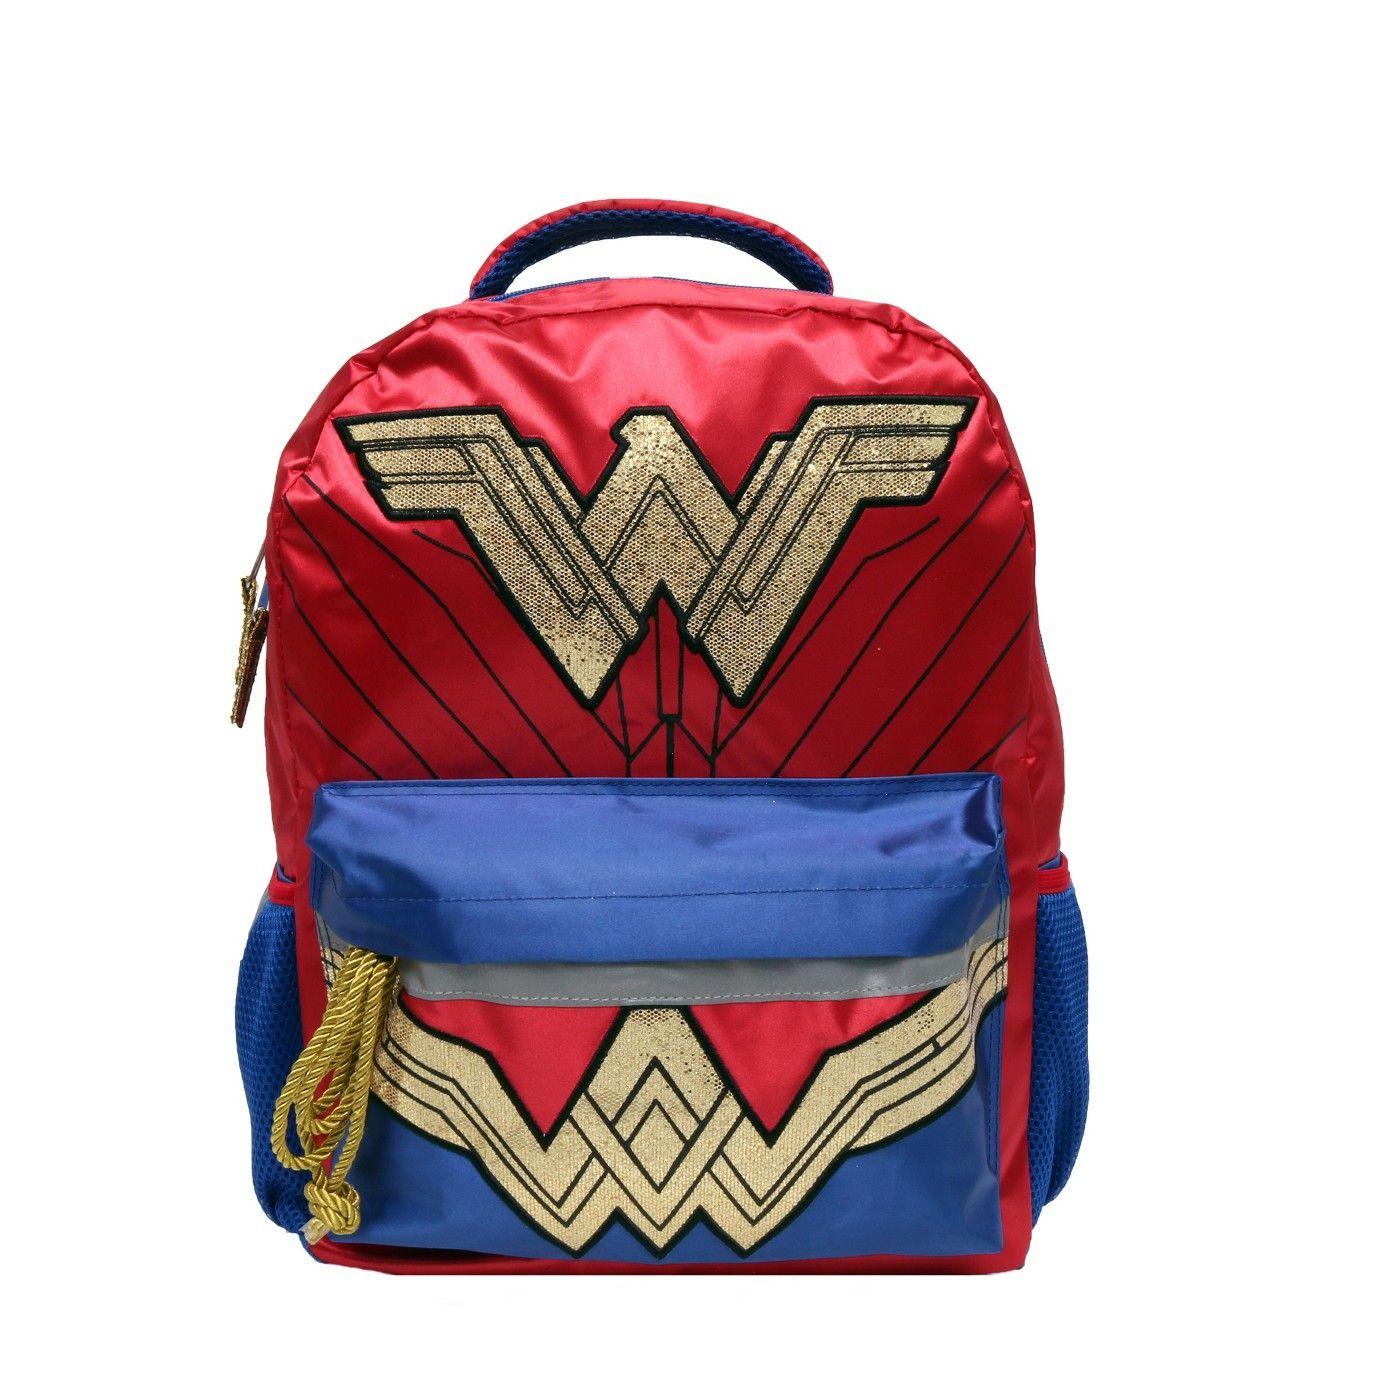 25 way cool backpacks for preschool kindergarten back